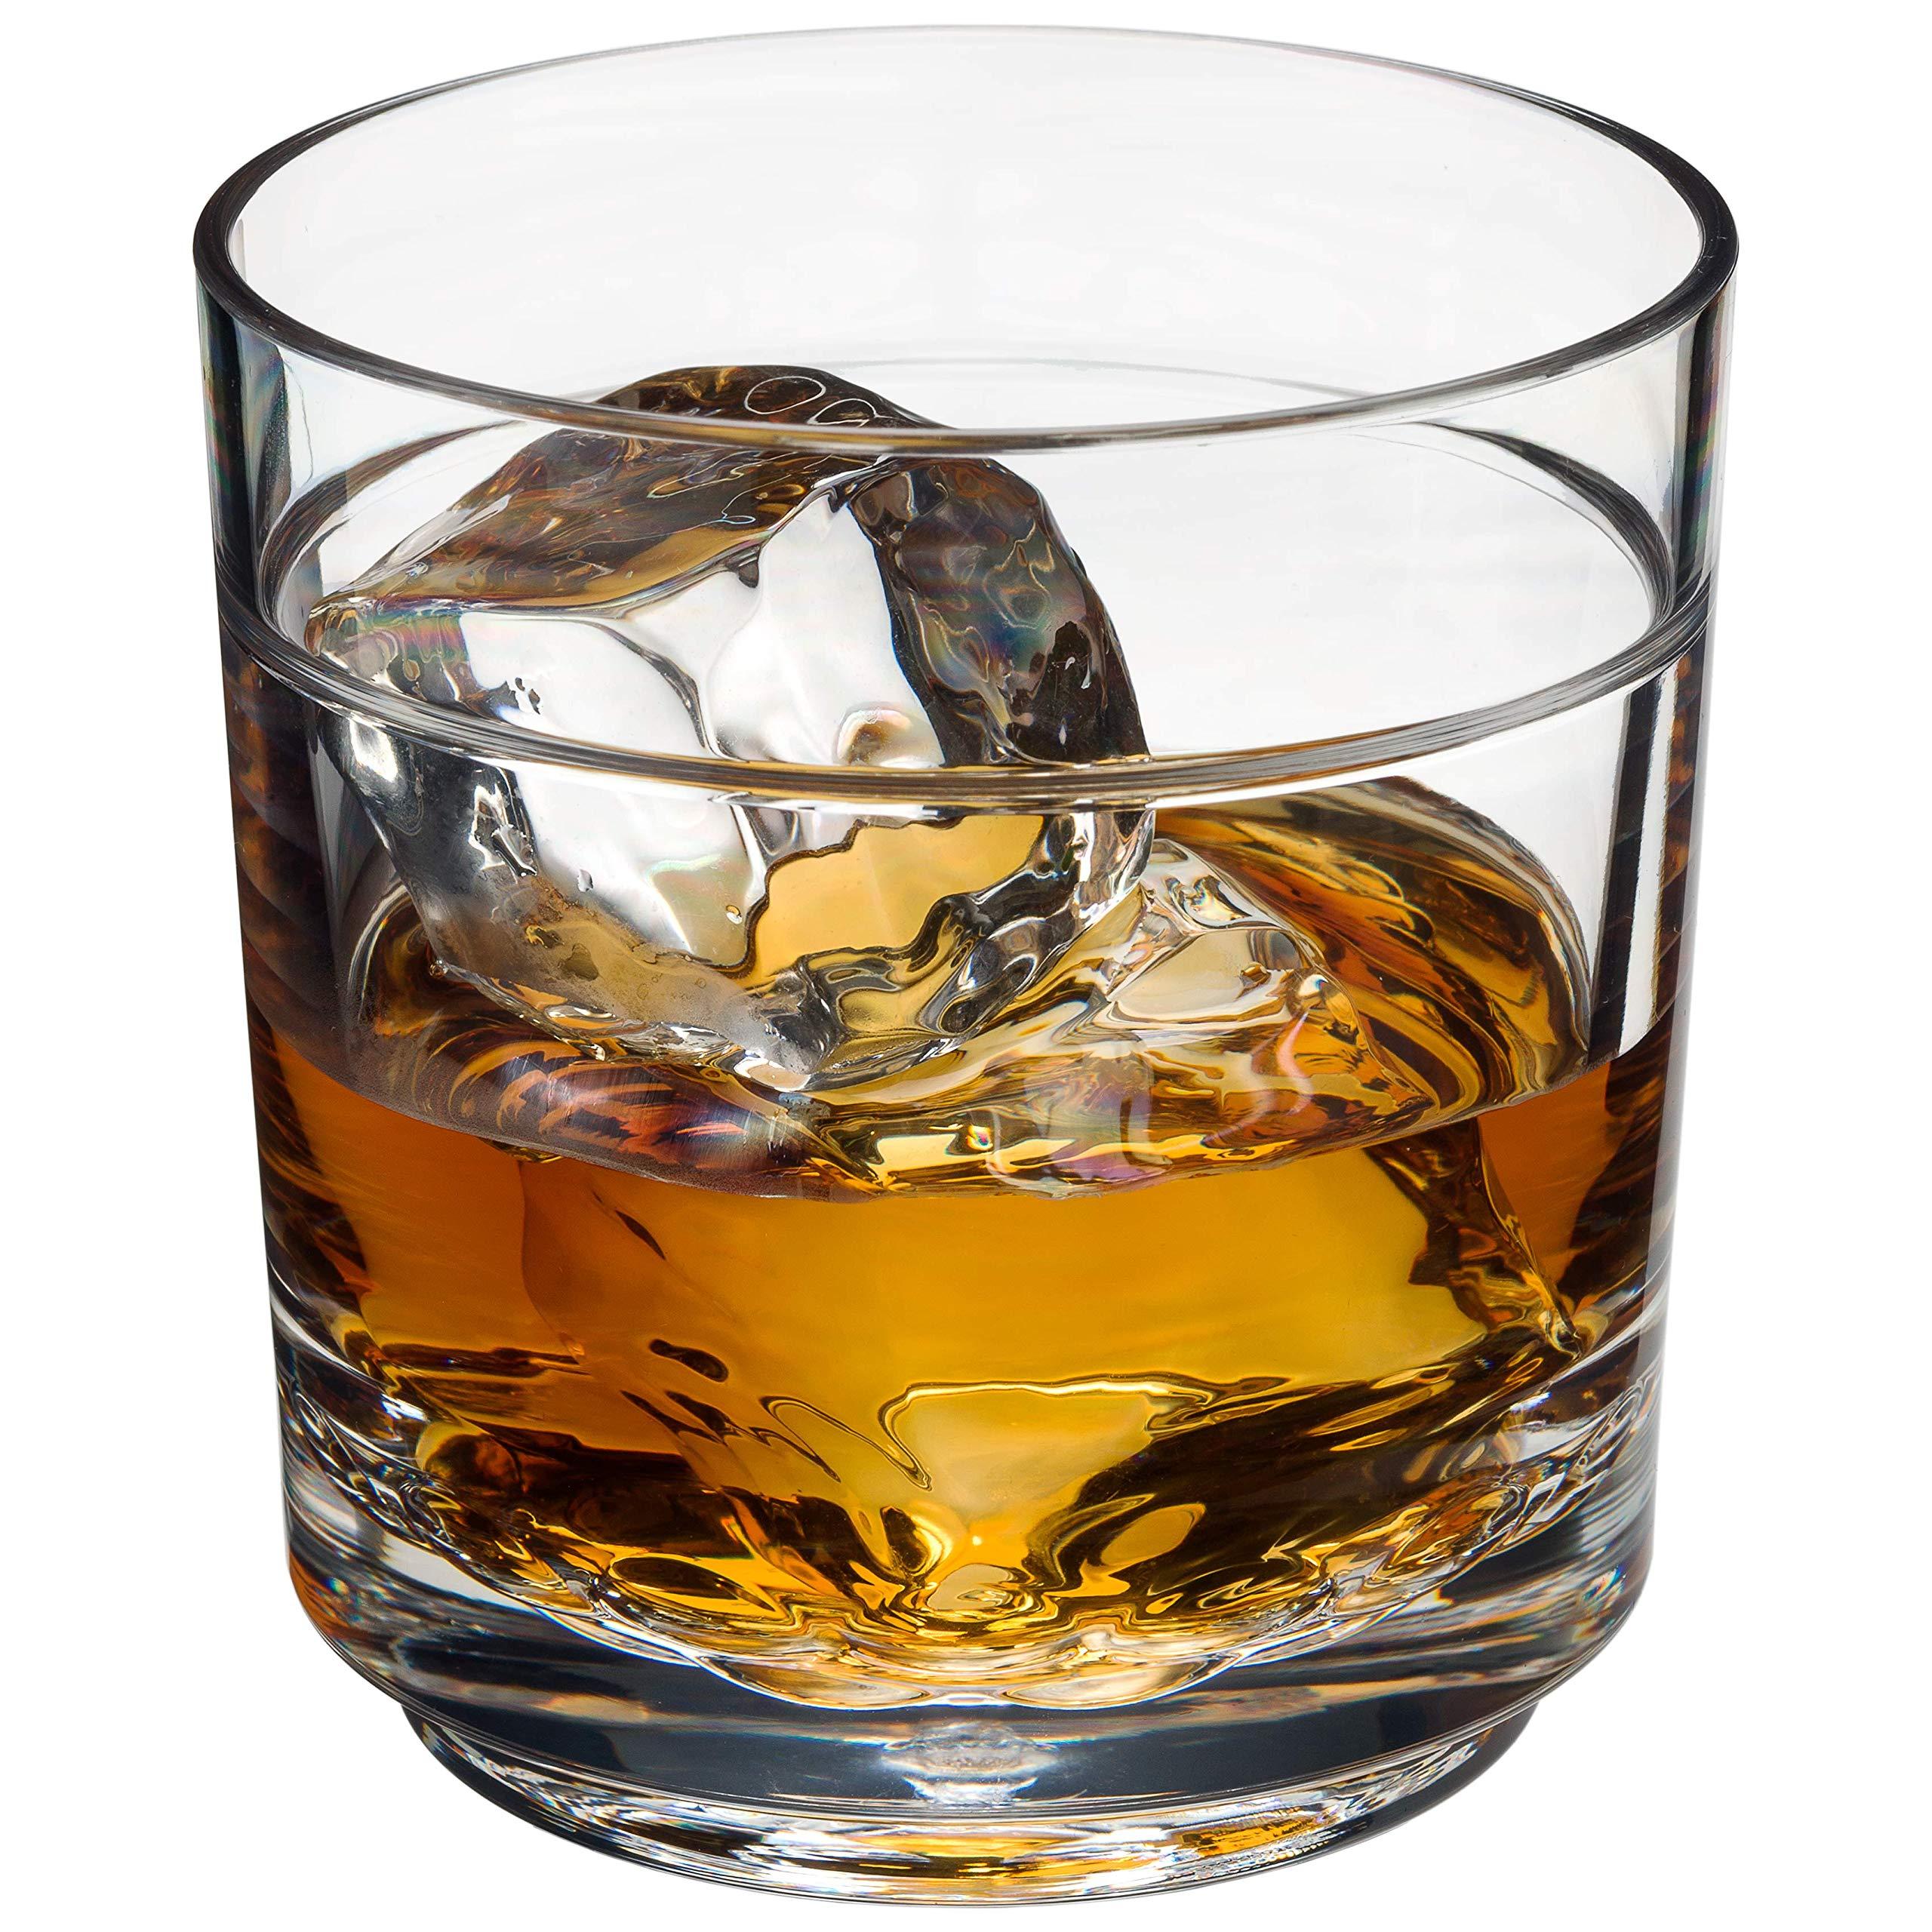 Drinique ELT-RK-CLR-24 Elite Rocks Unbreakable Tritan Whiskey Glasses 10 oz (Case of 24) Clear